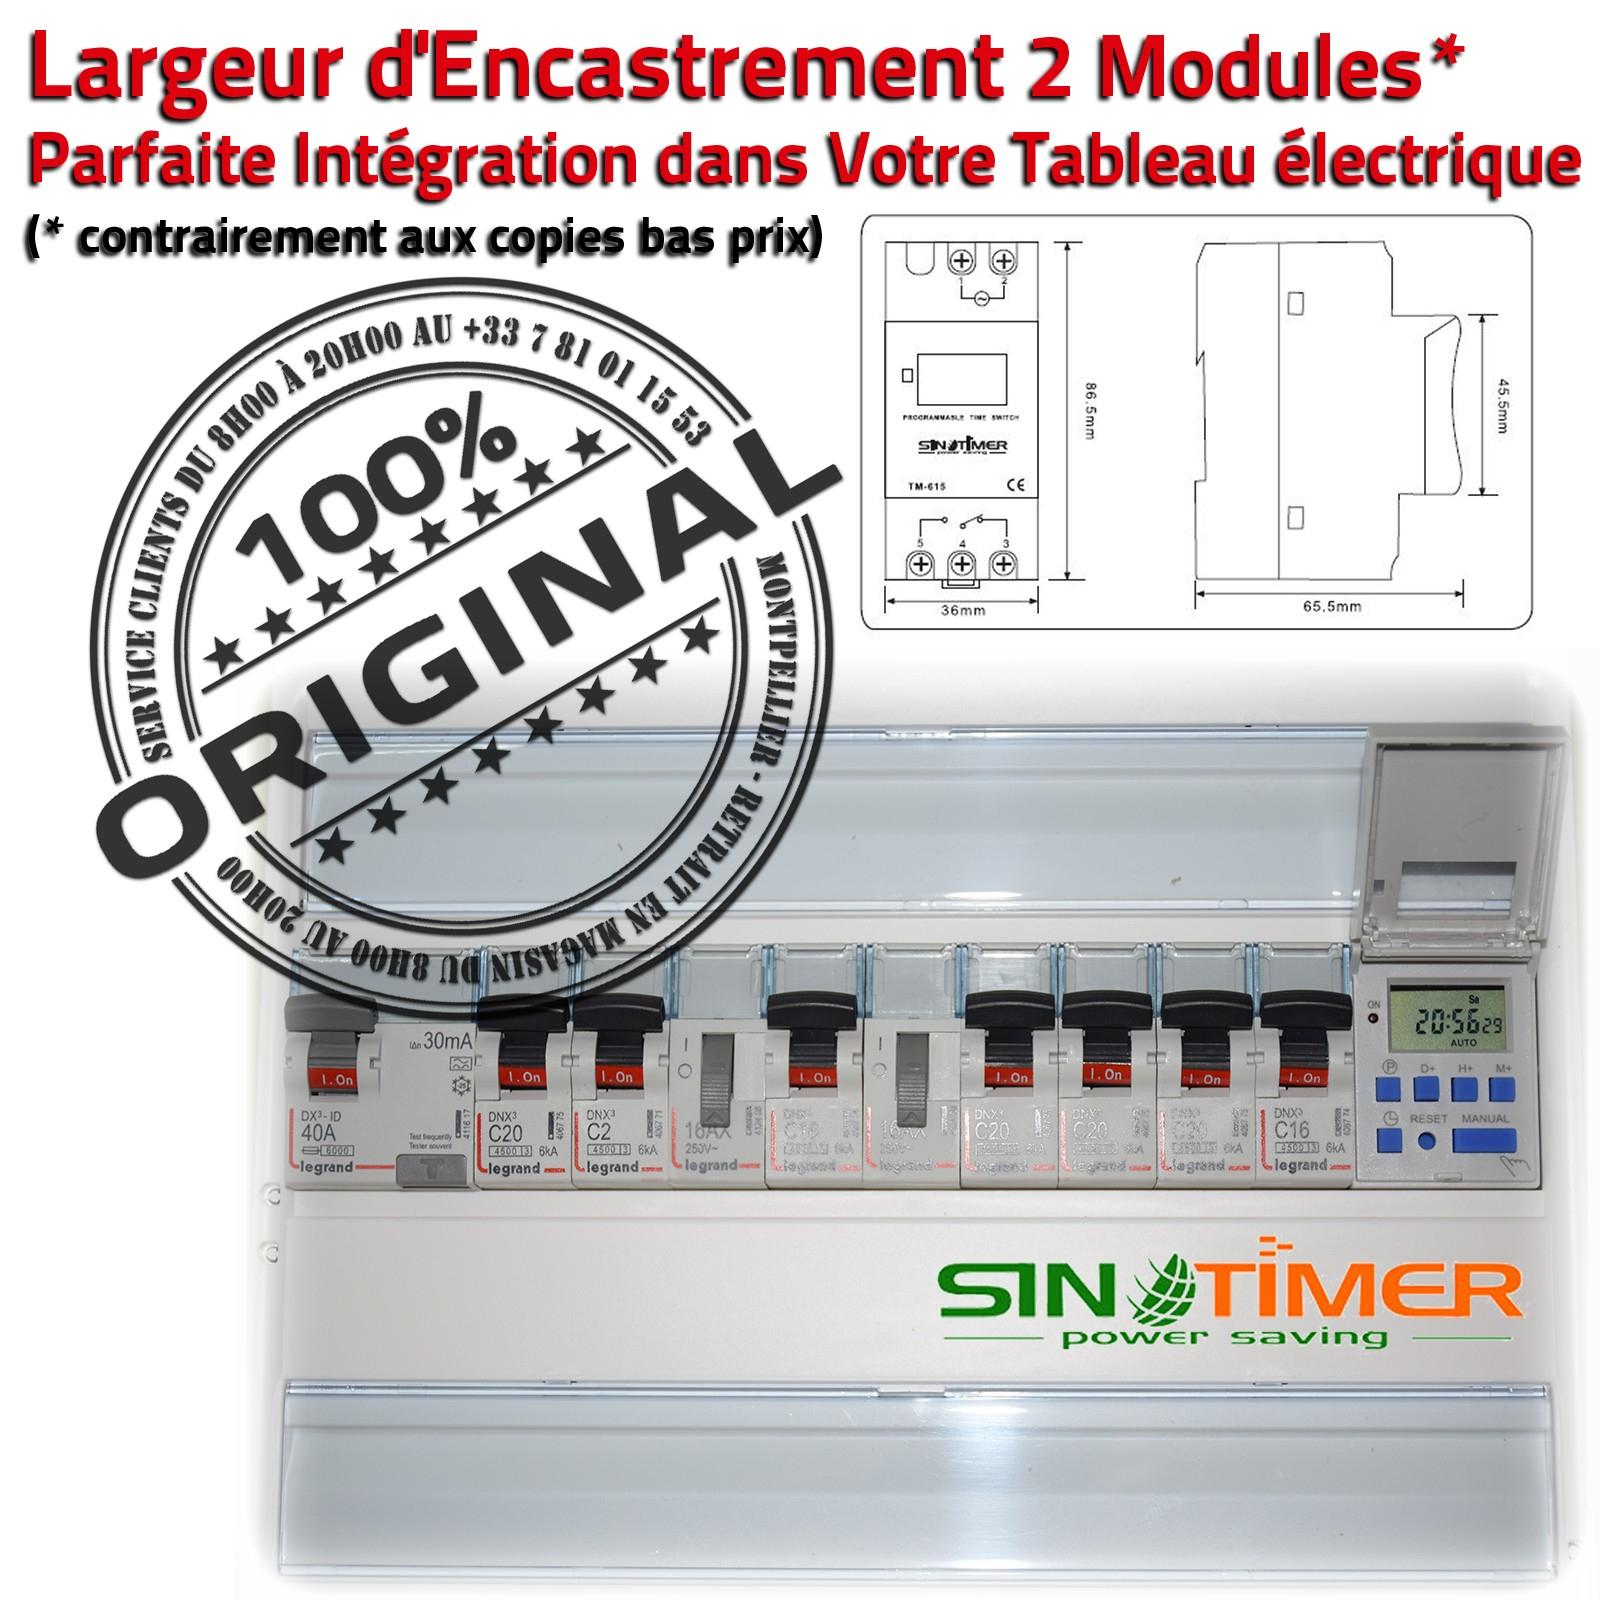 Programmation Automatique Journalière Electronique Minuterie Pompe Piscine  Horloge Digitale Rail Din 16A 4000W Minuteur Digital tout Programmateur Piscine